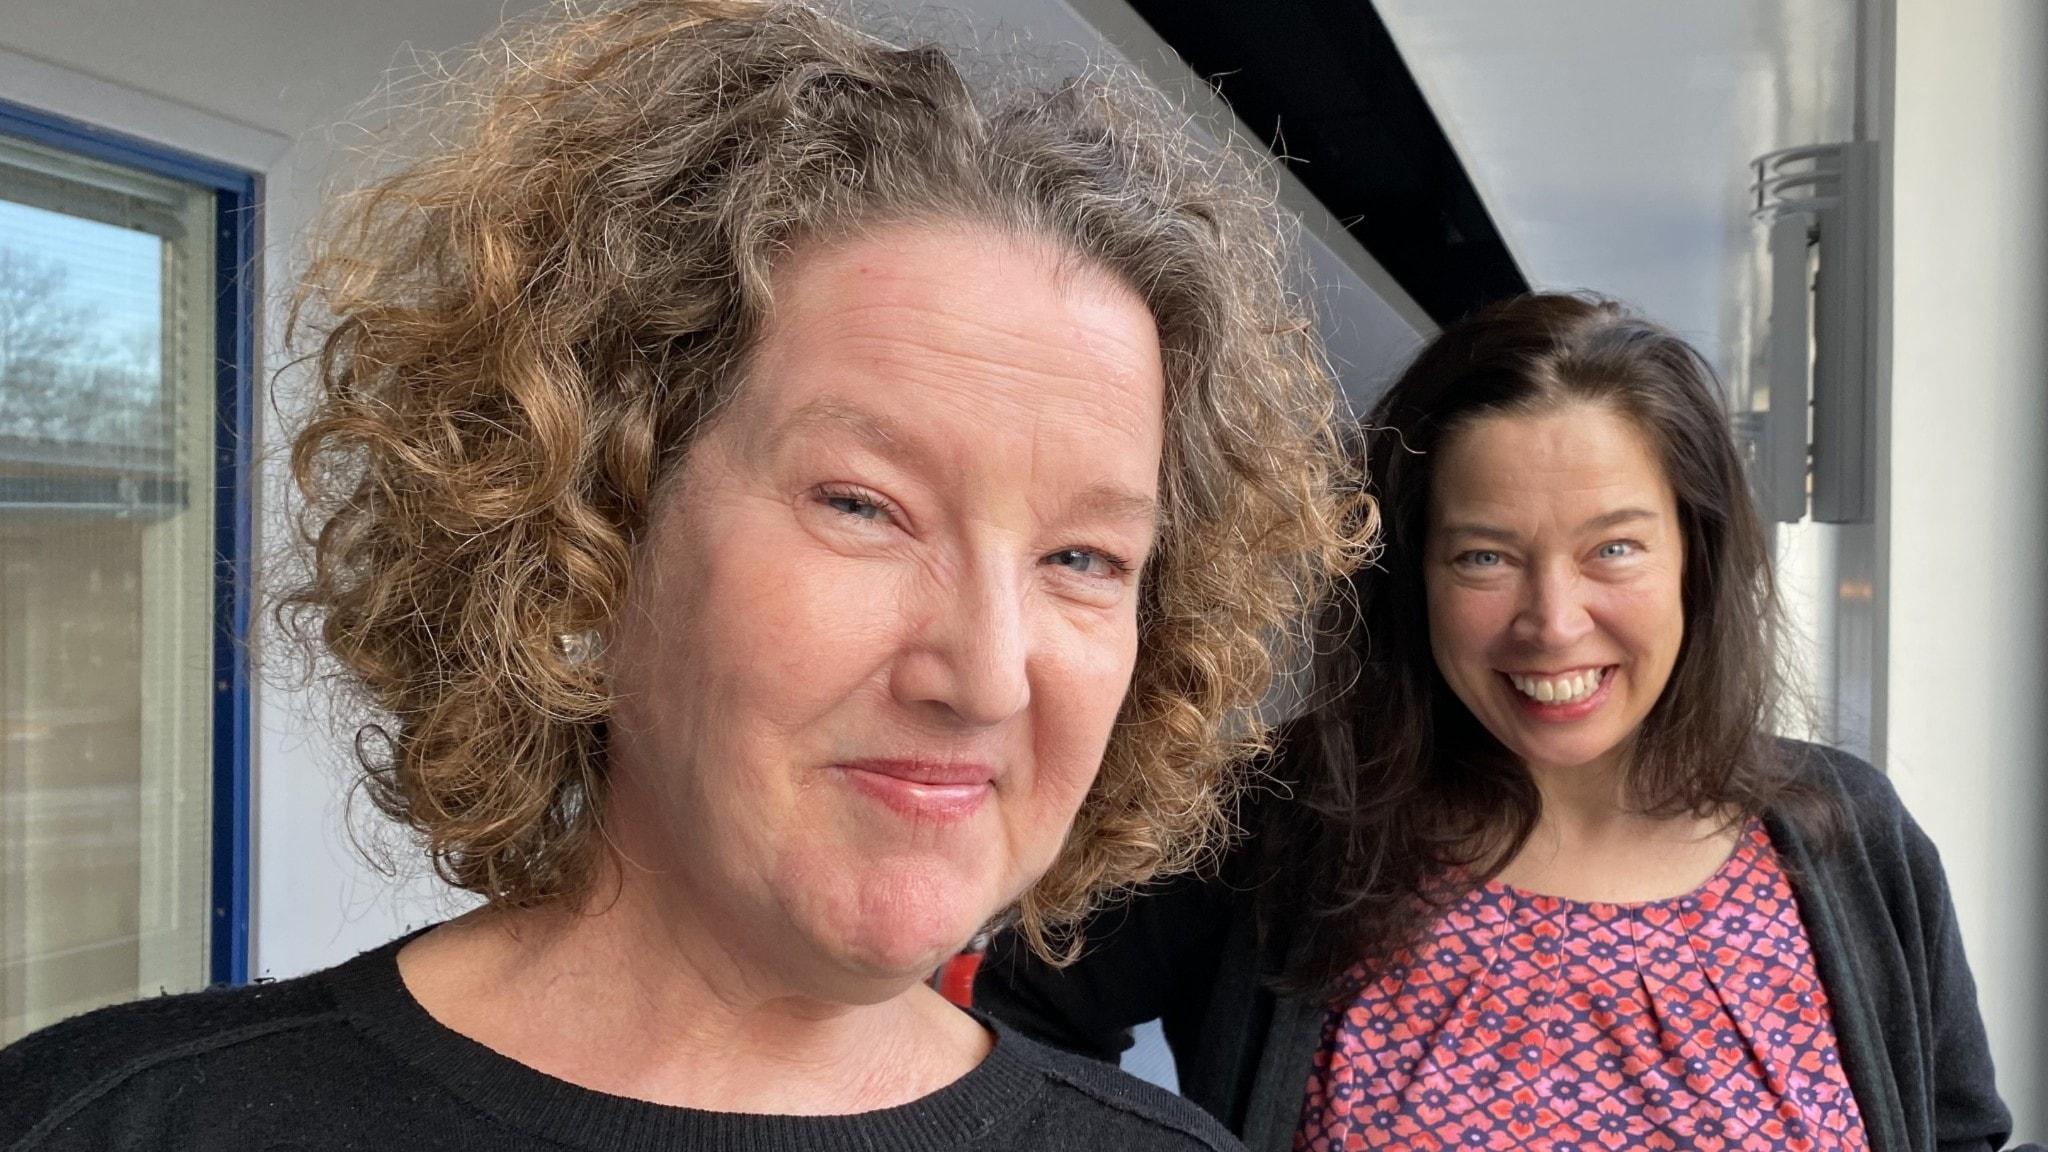 Författaren Anna-Karin Palms mor blev sjuk i Alzheimers och nu kommer romanen om moderns liv - och livet med modern